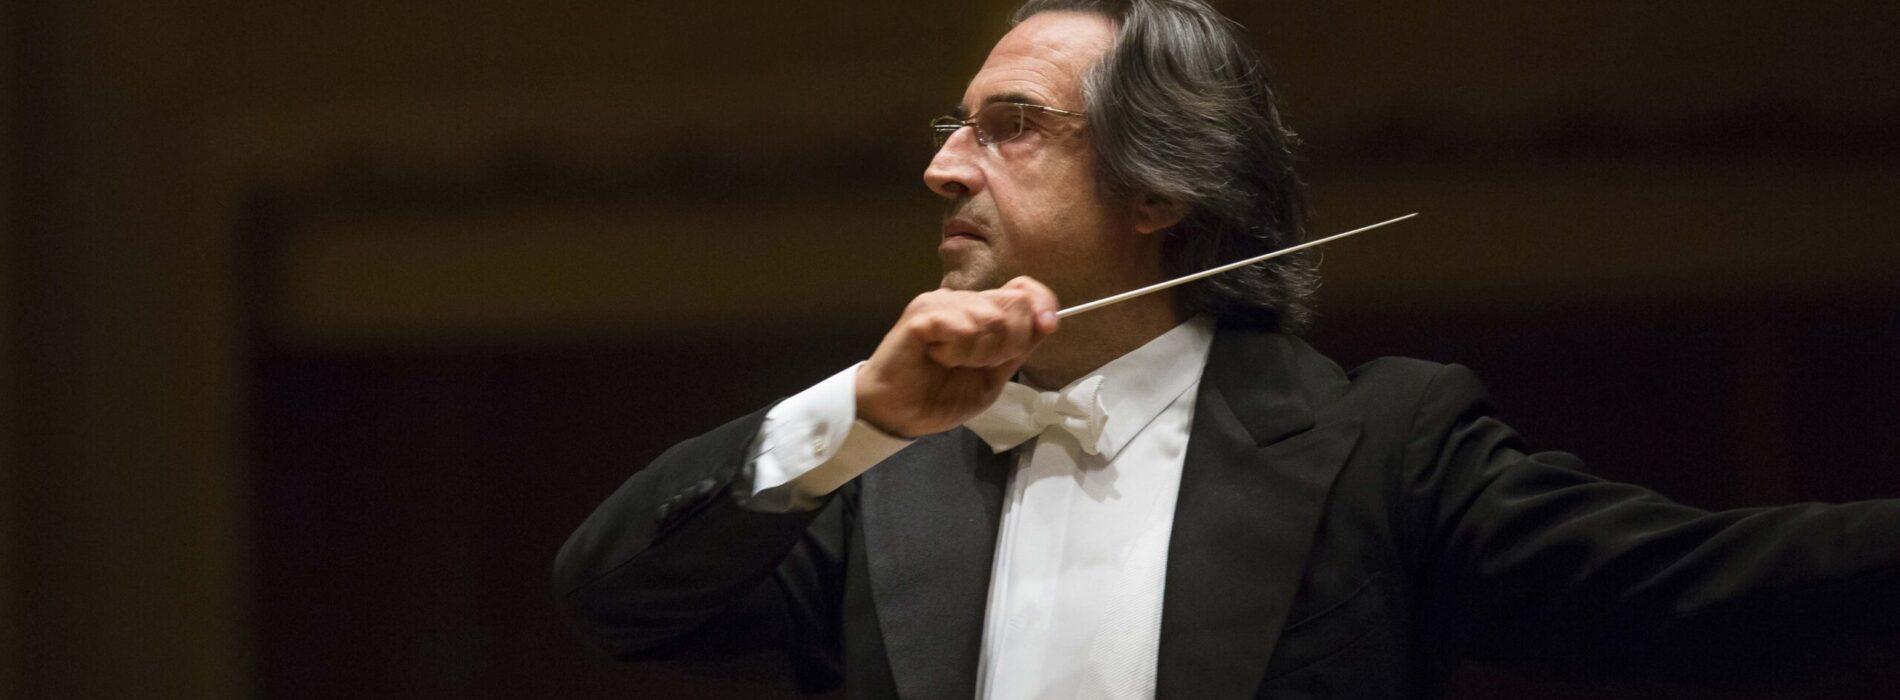 Che concerto! Riccardo Muti apre il Campania Teatro Festival